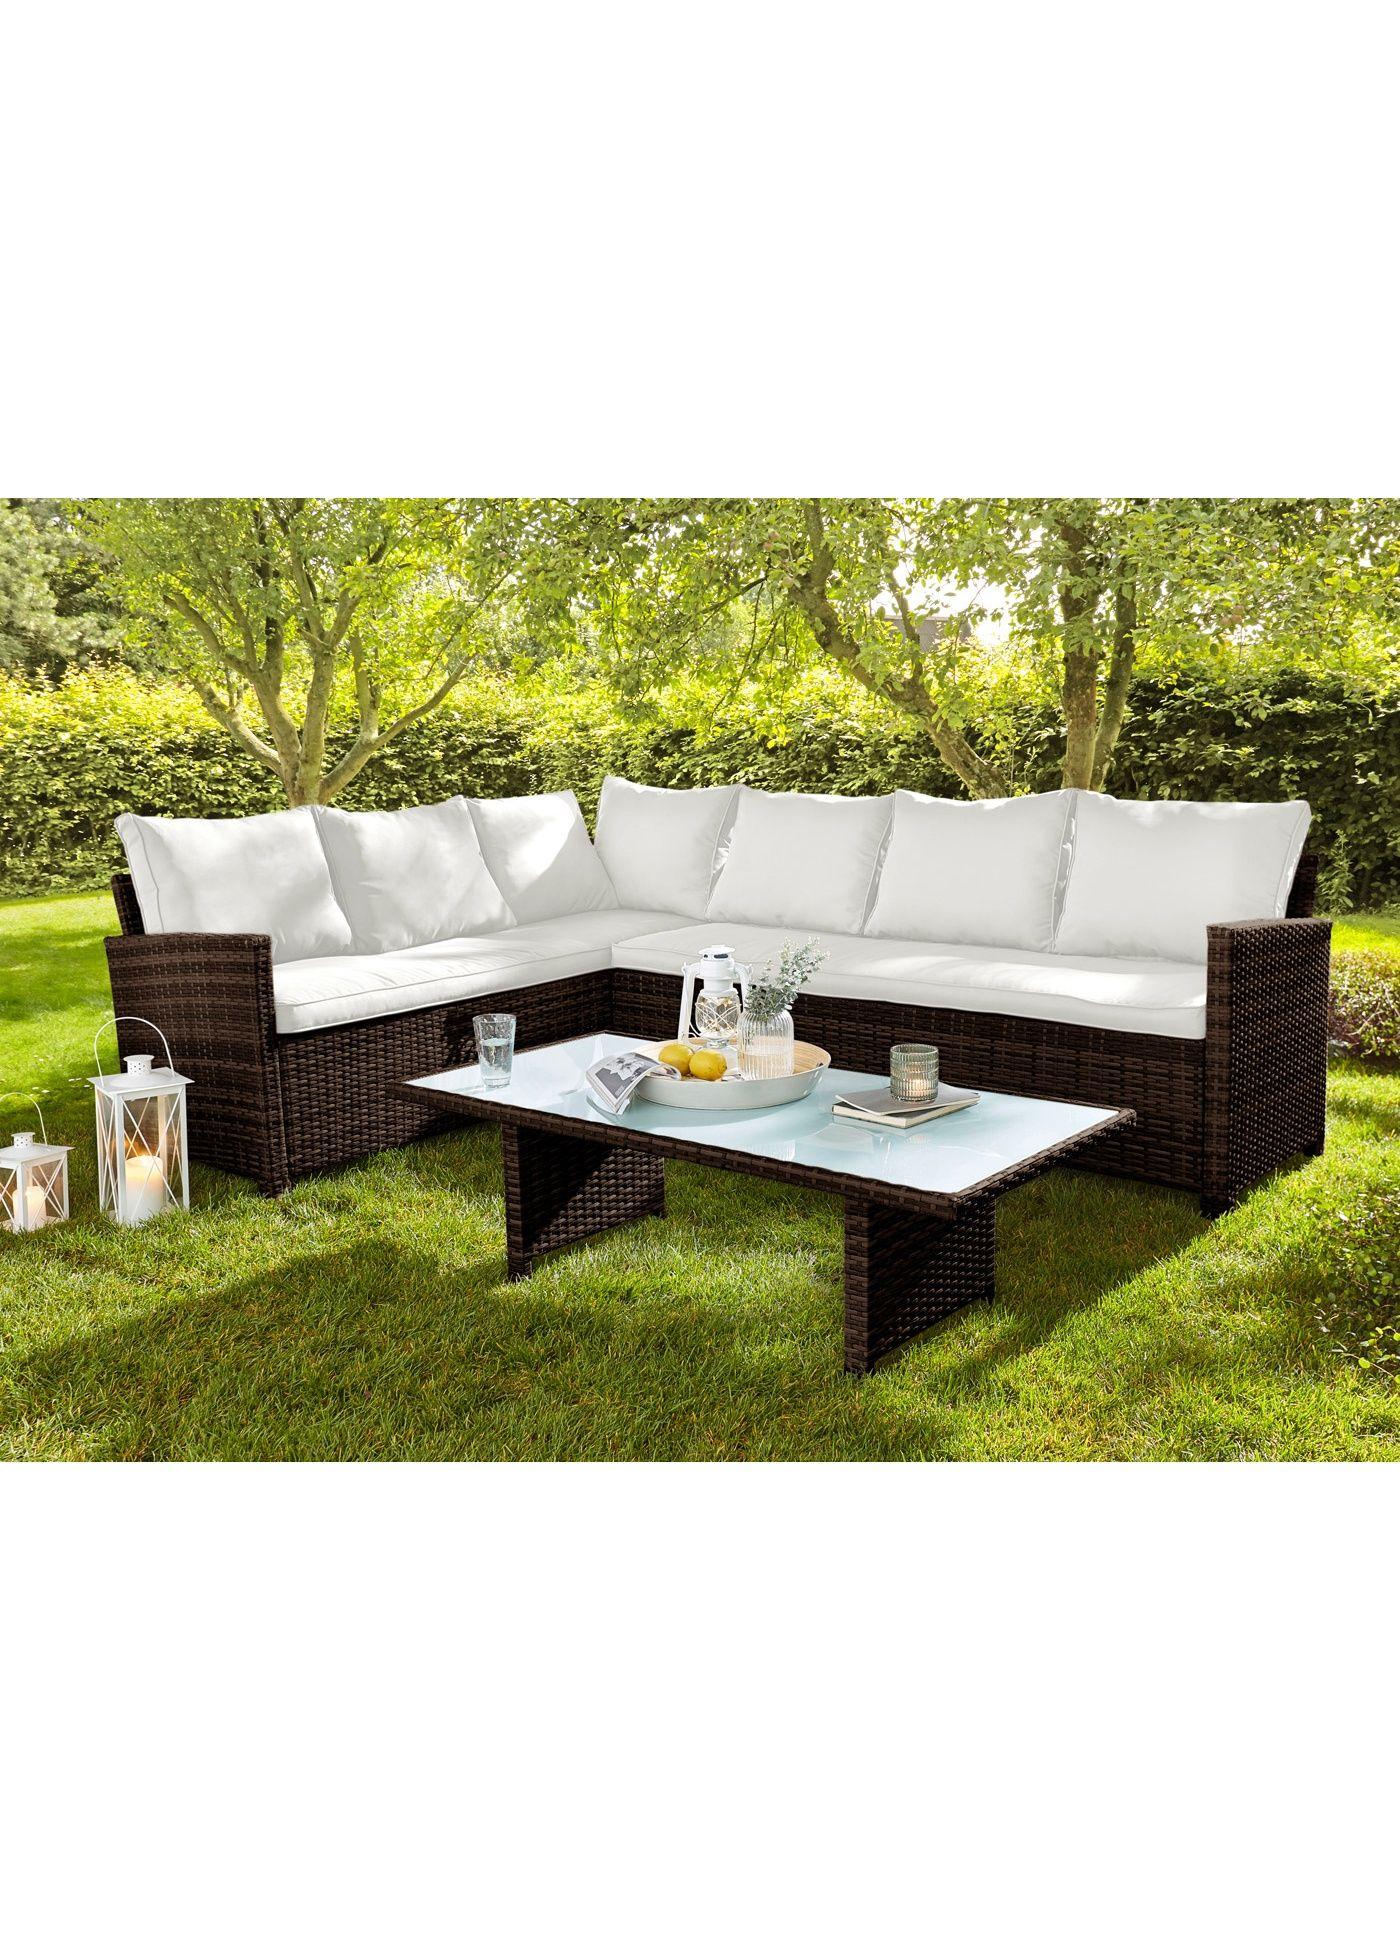 Dieses Loungeset Bestehend Aus Bank Und Tisch Sorgt Fur Gemutlichkeit In Ihrem Garten Oder Auf Ihrer Terrasse Die 7cm Dicken Lounge Mobel Lounge Aussenmobel